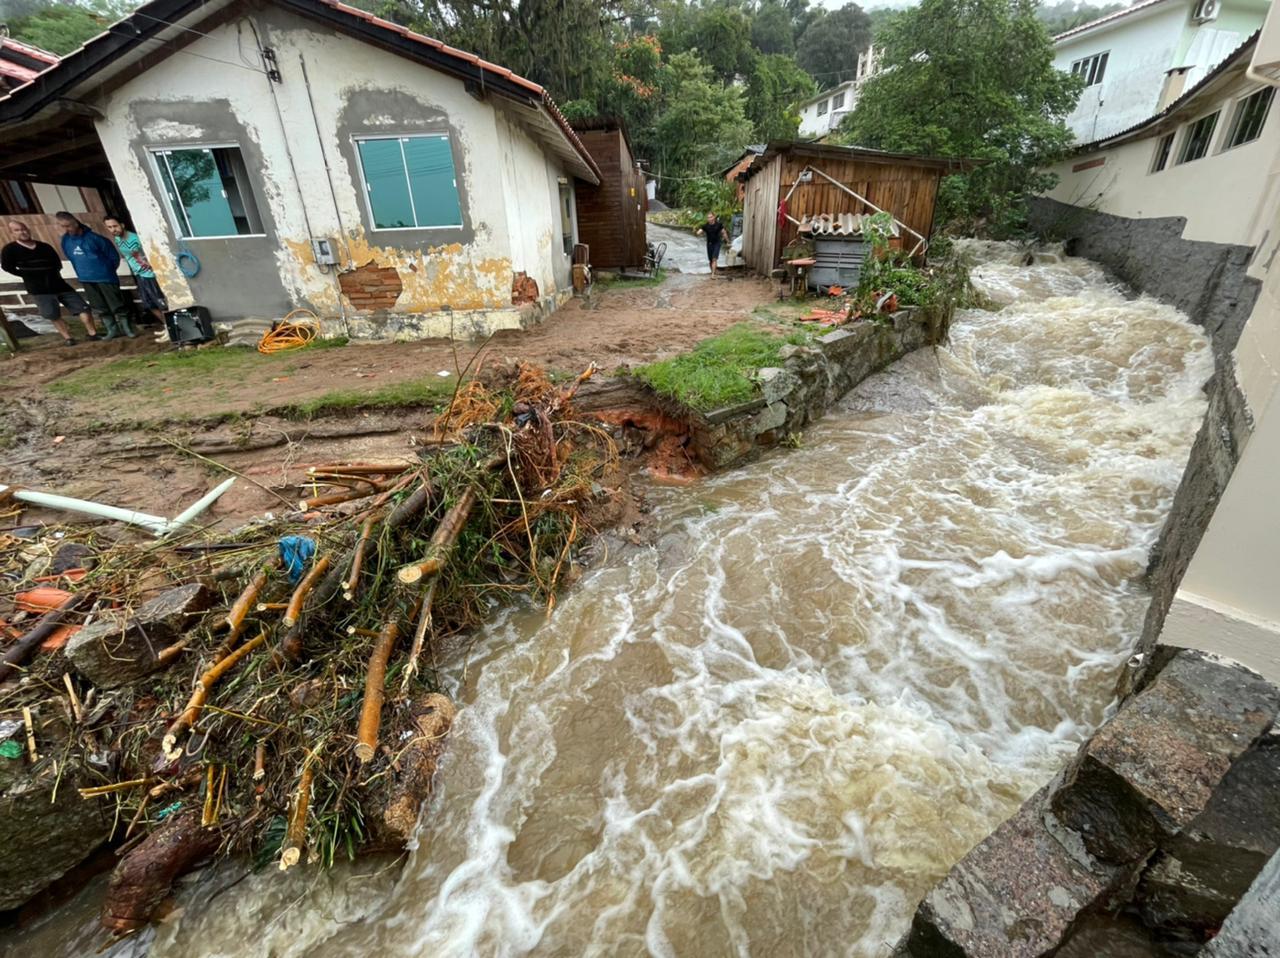 Laguna decretou situação de emergência devido aos estragos das chuvas nesta quarta-feira (9) - Prefeitura de Laguna/ND